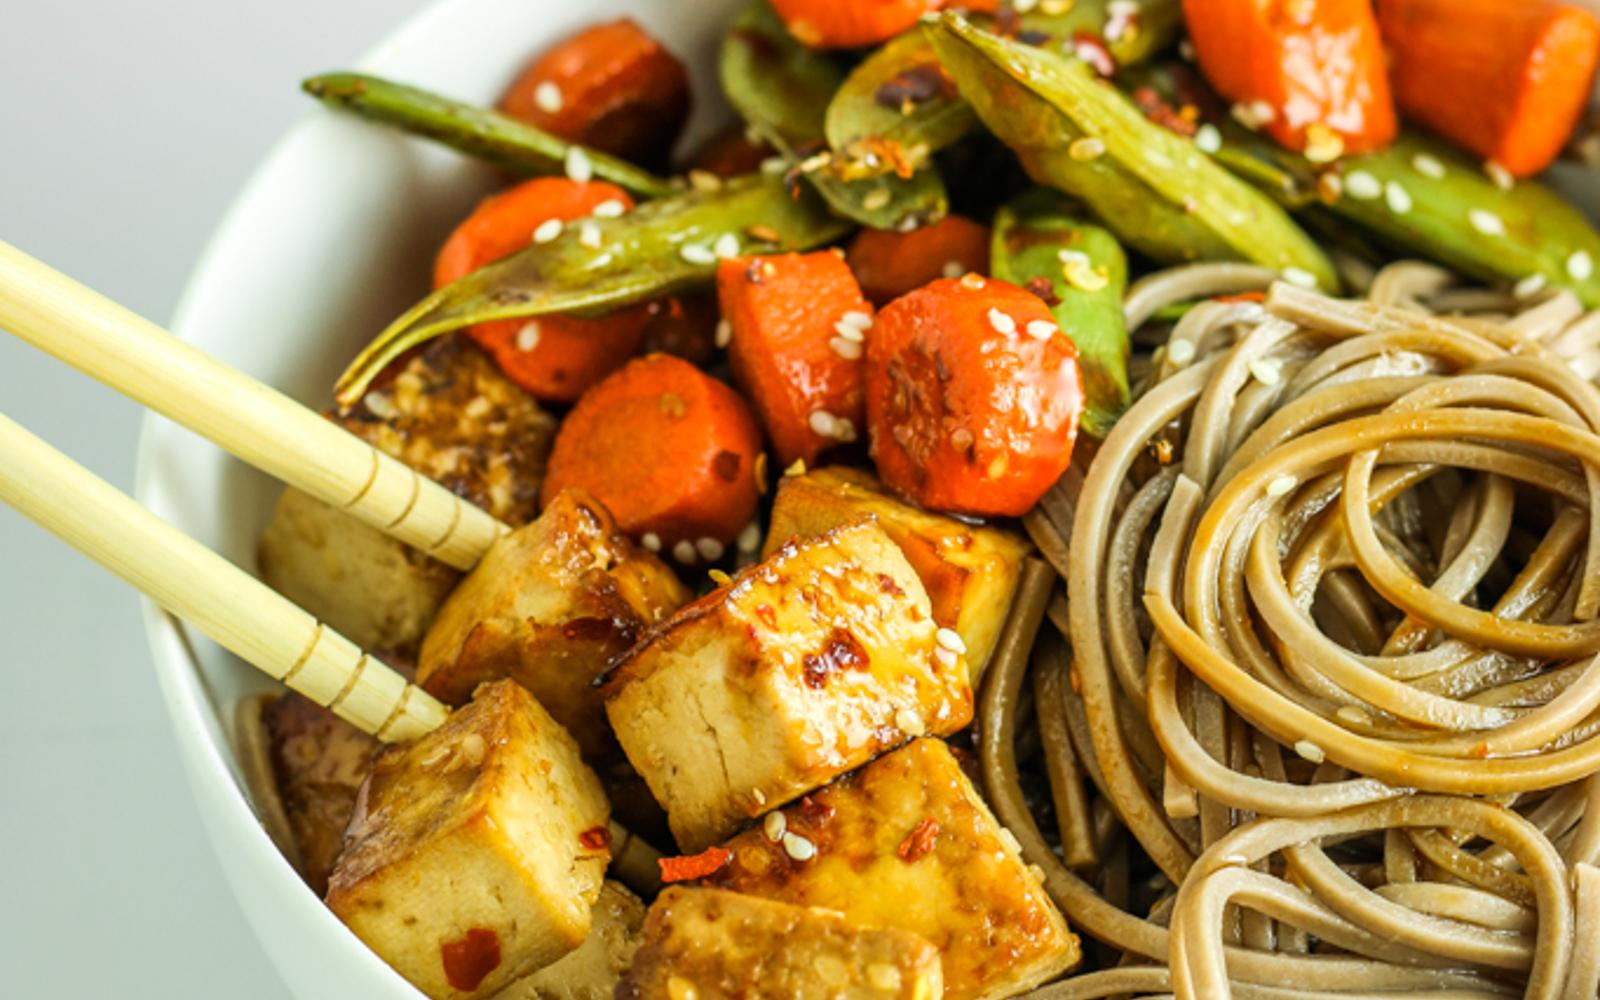 Vegan Gluten-Free Sheet Pan Tofu Stir-Fry with noodles